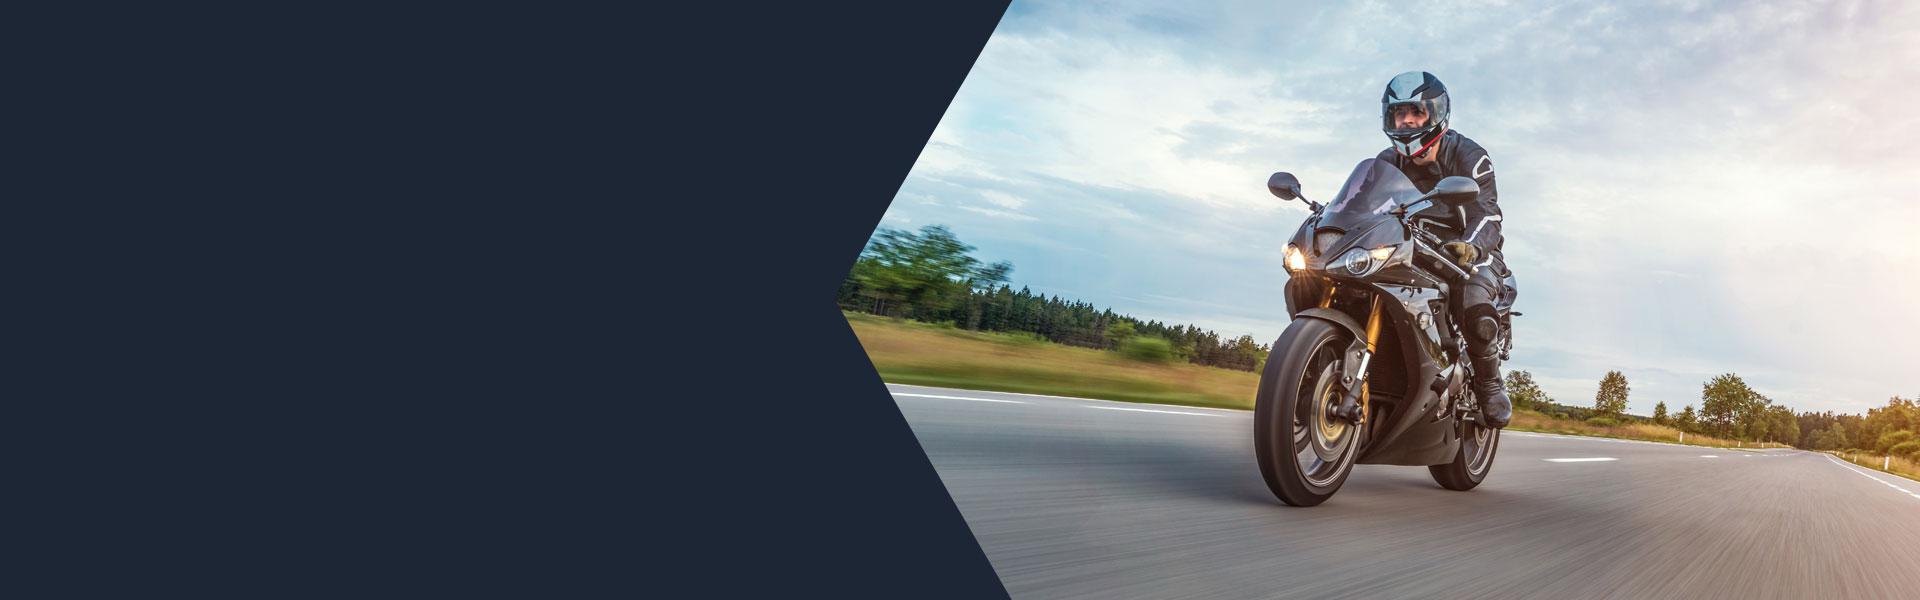 Viajes y excursiones en moto – Prepare sus dos ruedas